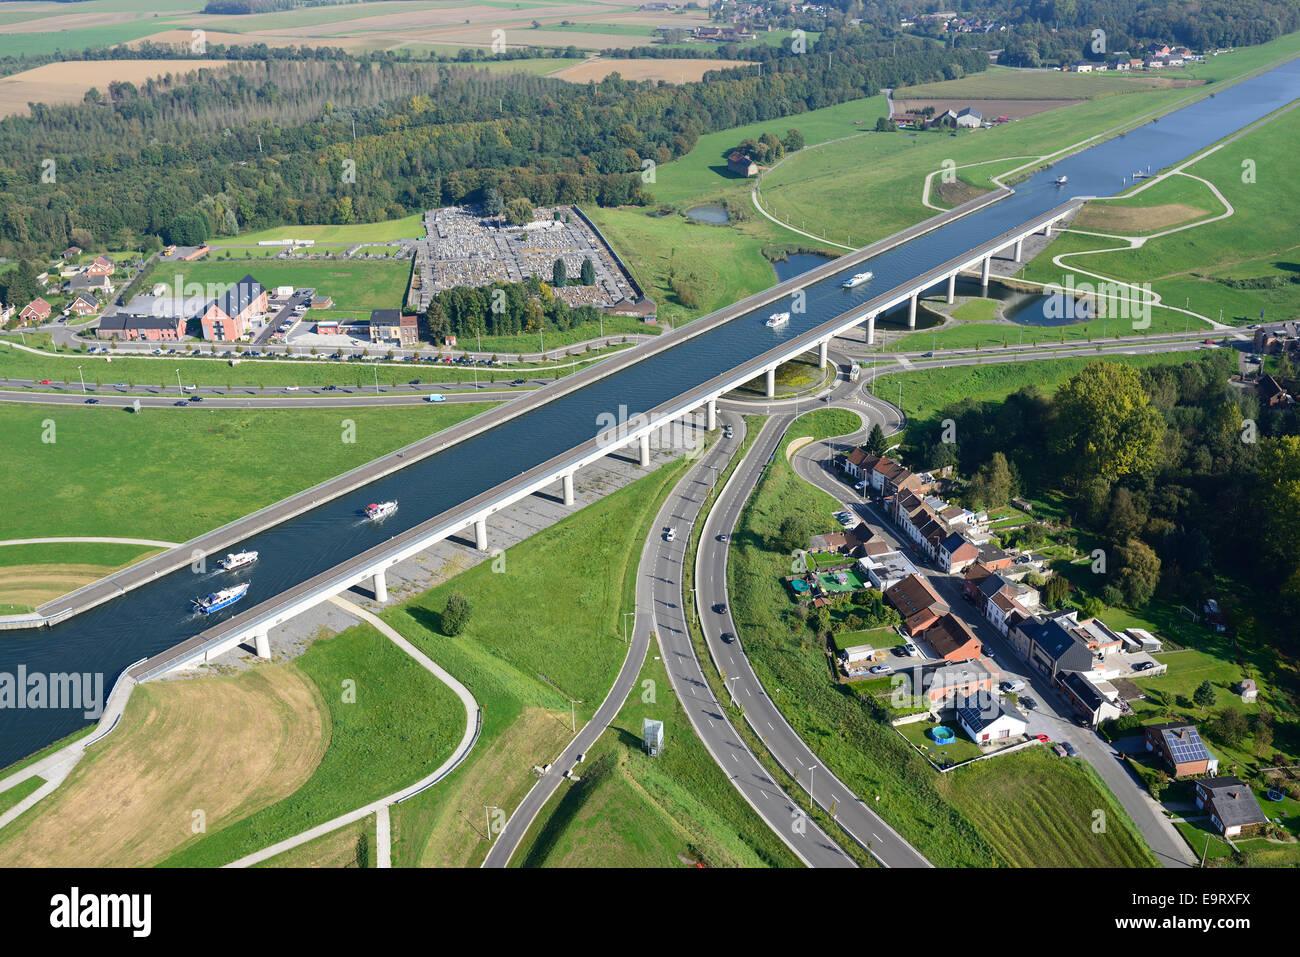 Pont Canal Du Sart Aeriel View Province Of Hainaut